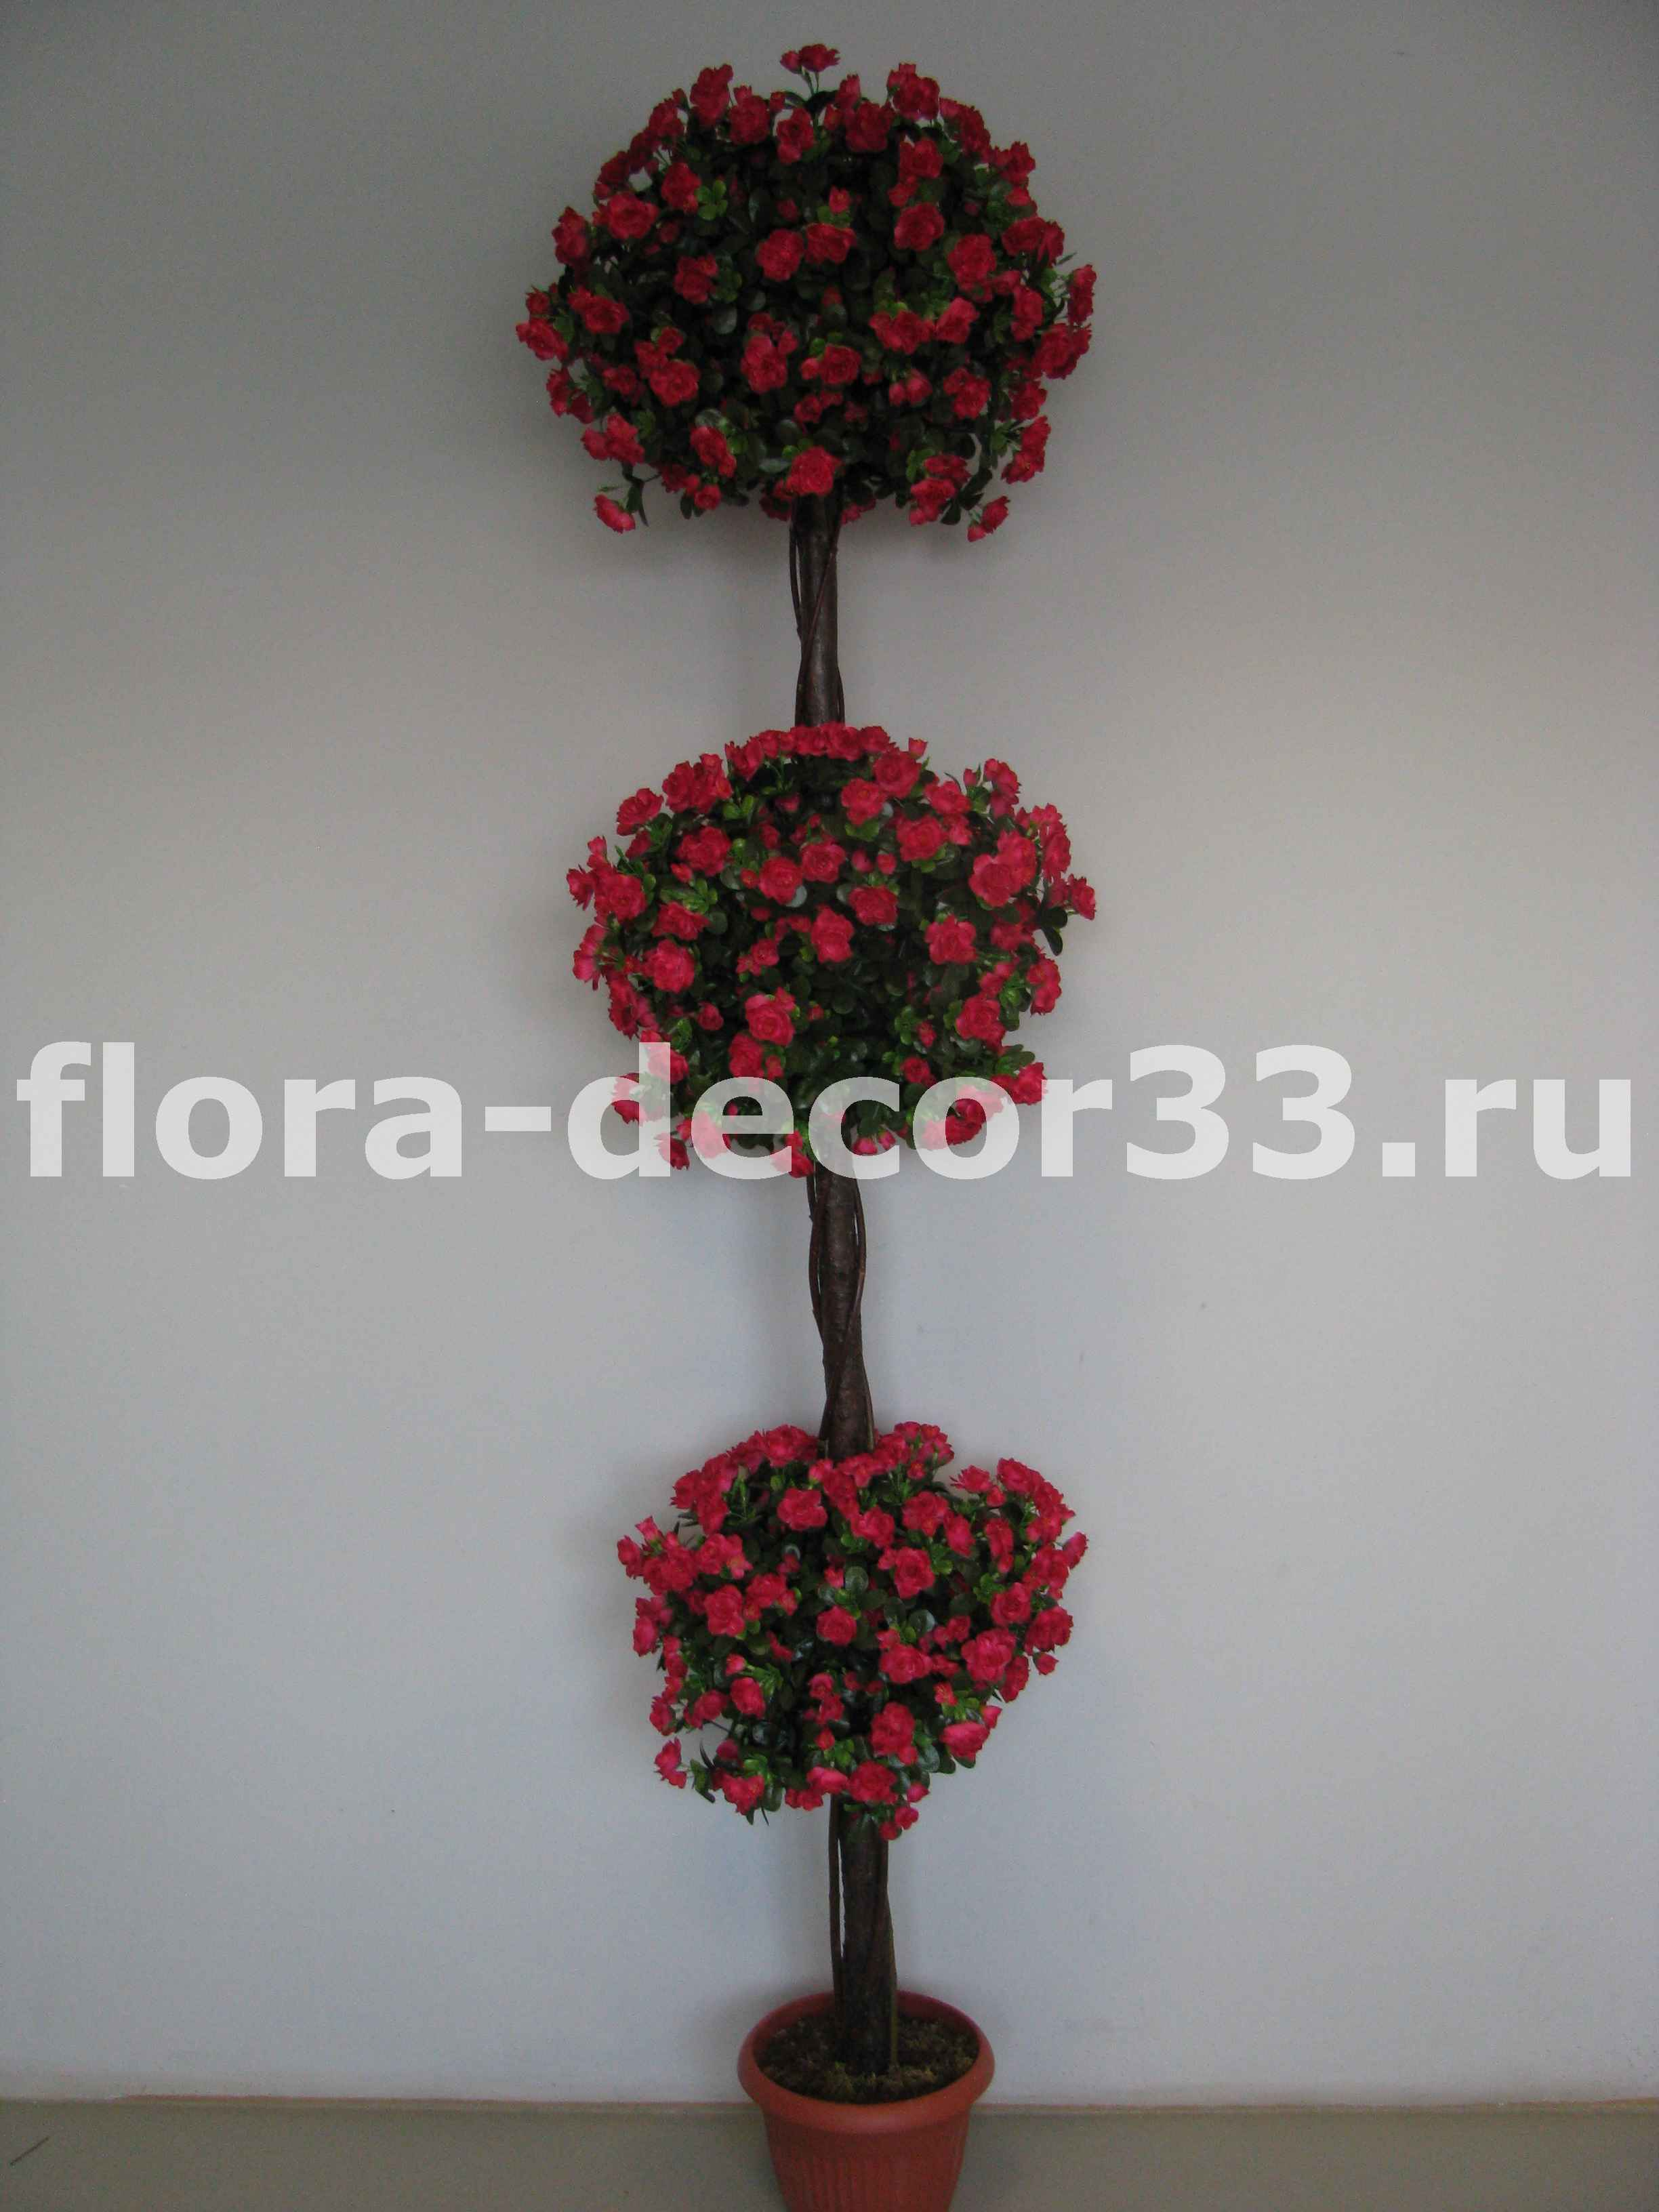 Заказ на доставку букетов цветов цветочных композиций